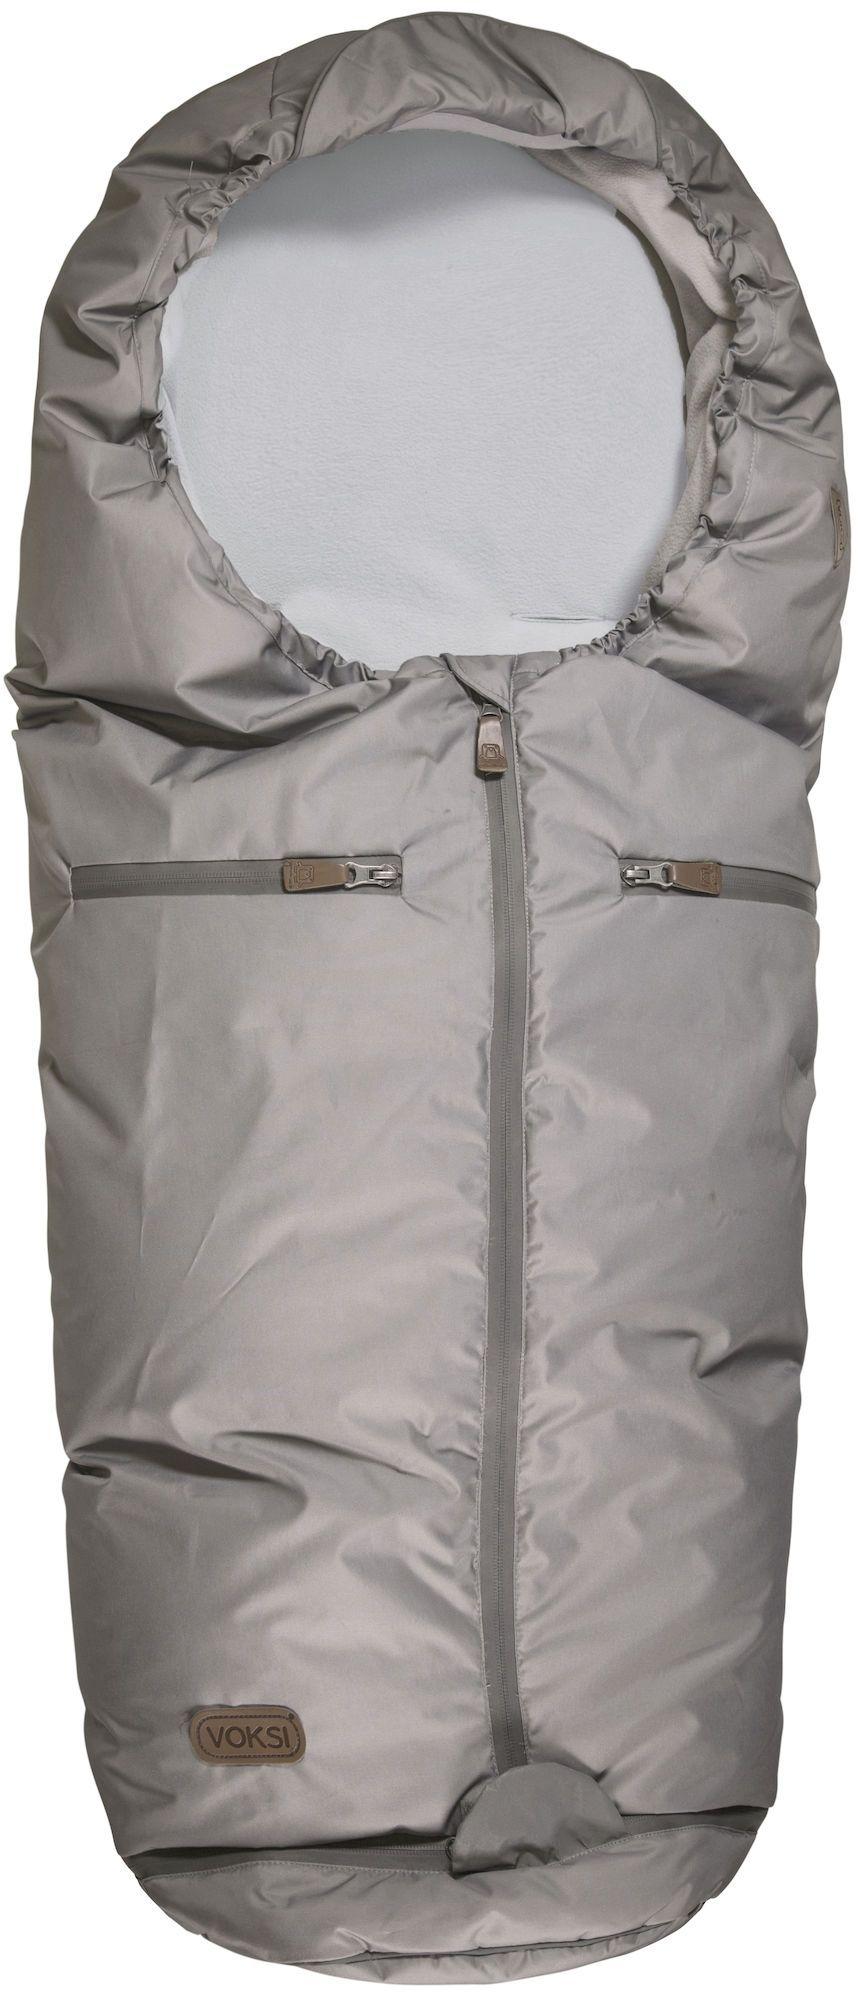 Kørepose fra Voksi - Uld og dun - Active - Mountain Grey (0-5 år)